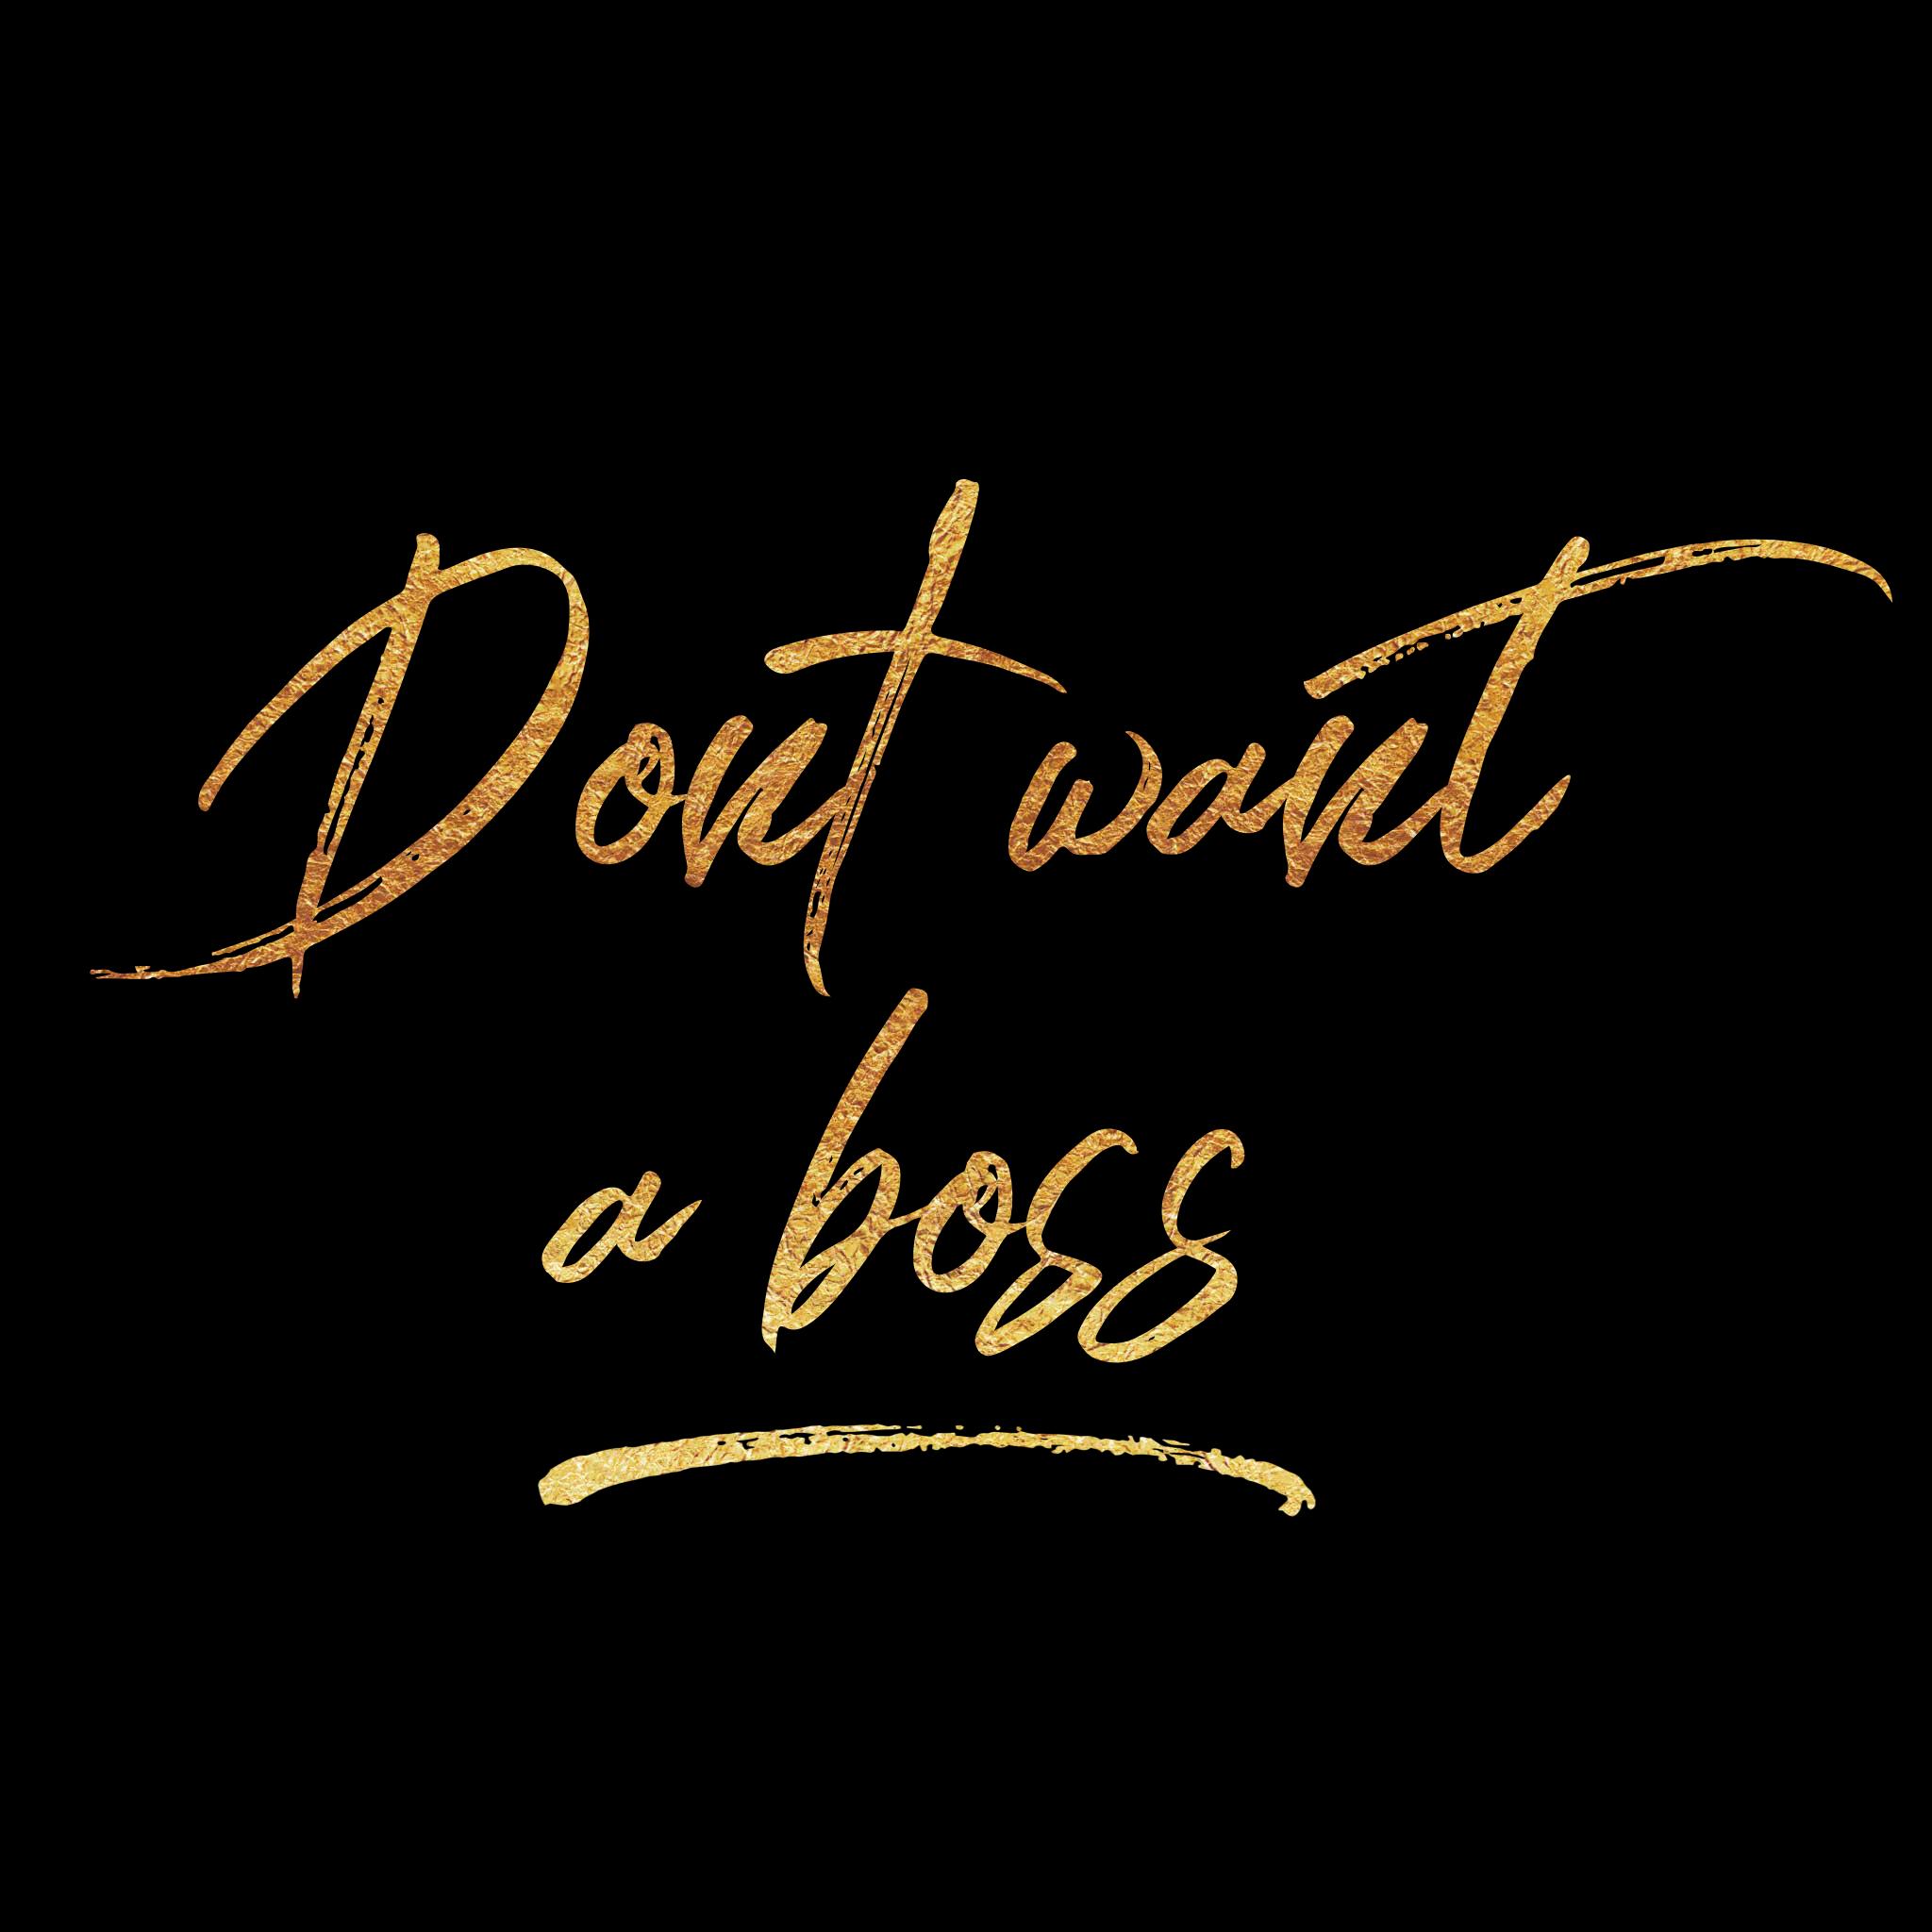 dont want a boss logo